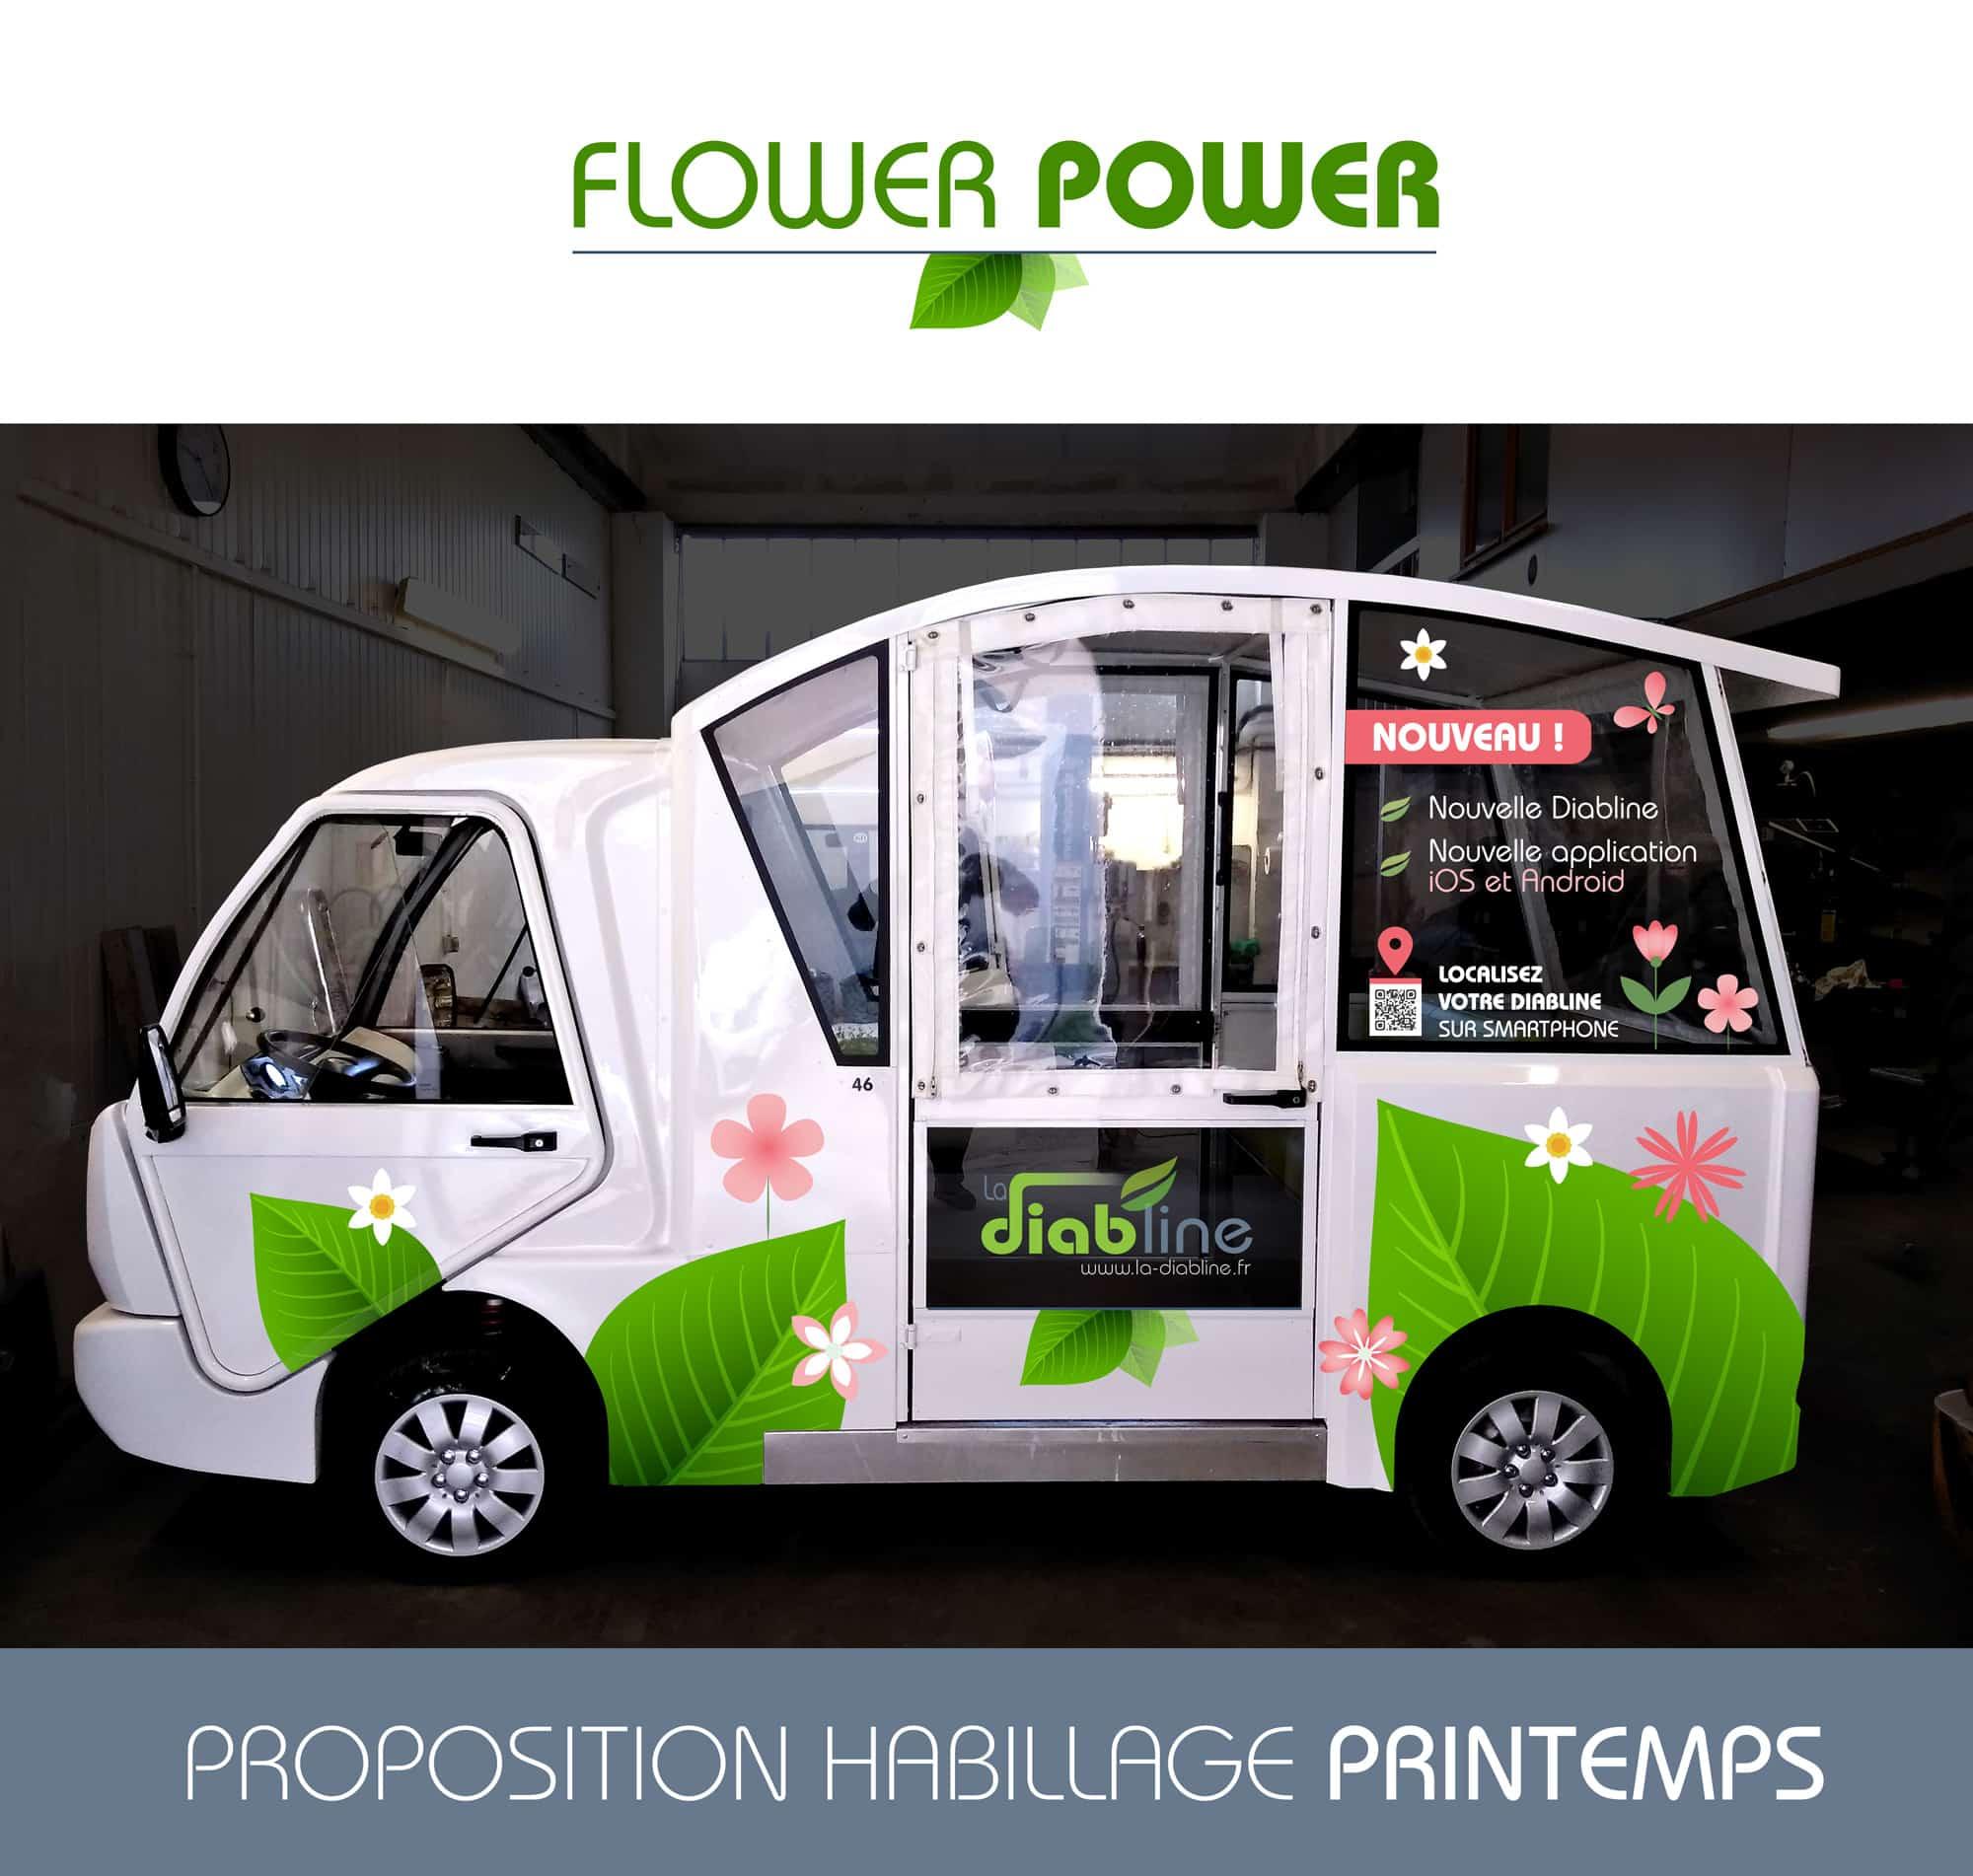 Nouvel habillage Flower Power et localisation smartphone de la Diabline !